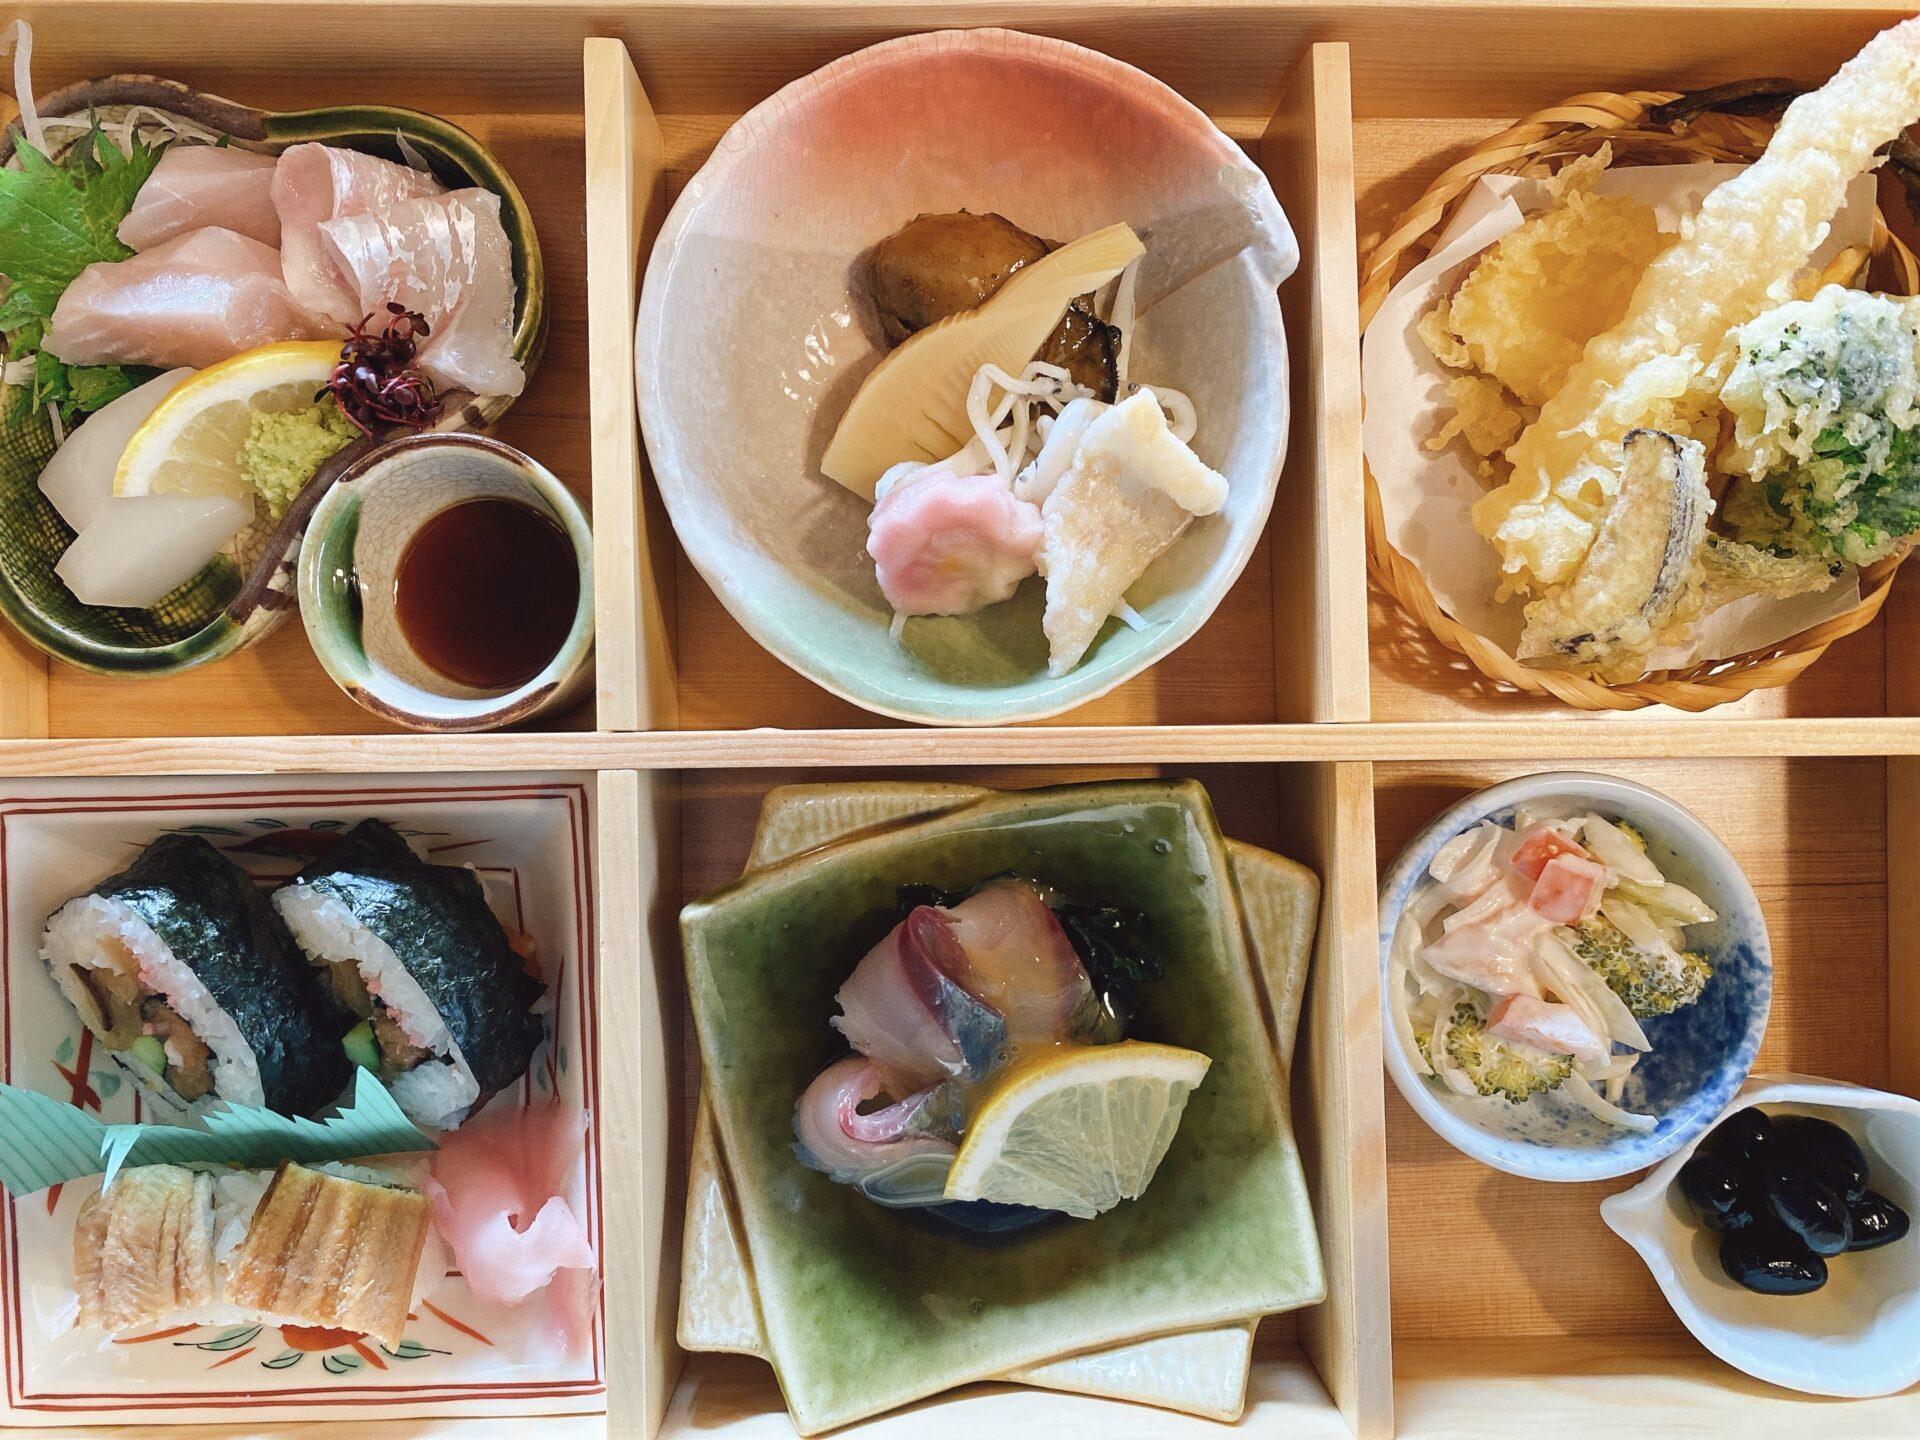 赤磐市で半年前に開店した和食の店【御善房たか本】初ランチでコスパの良さに驚き!牡蠣鍋も付いた松花堂がおススメ!